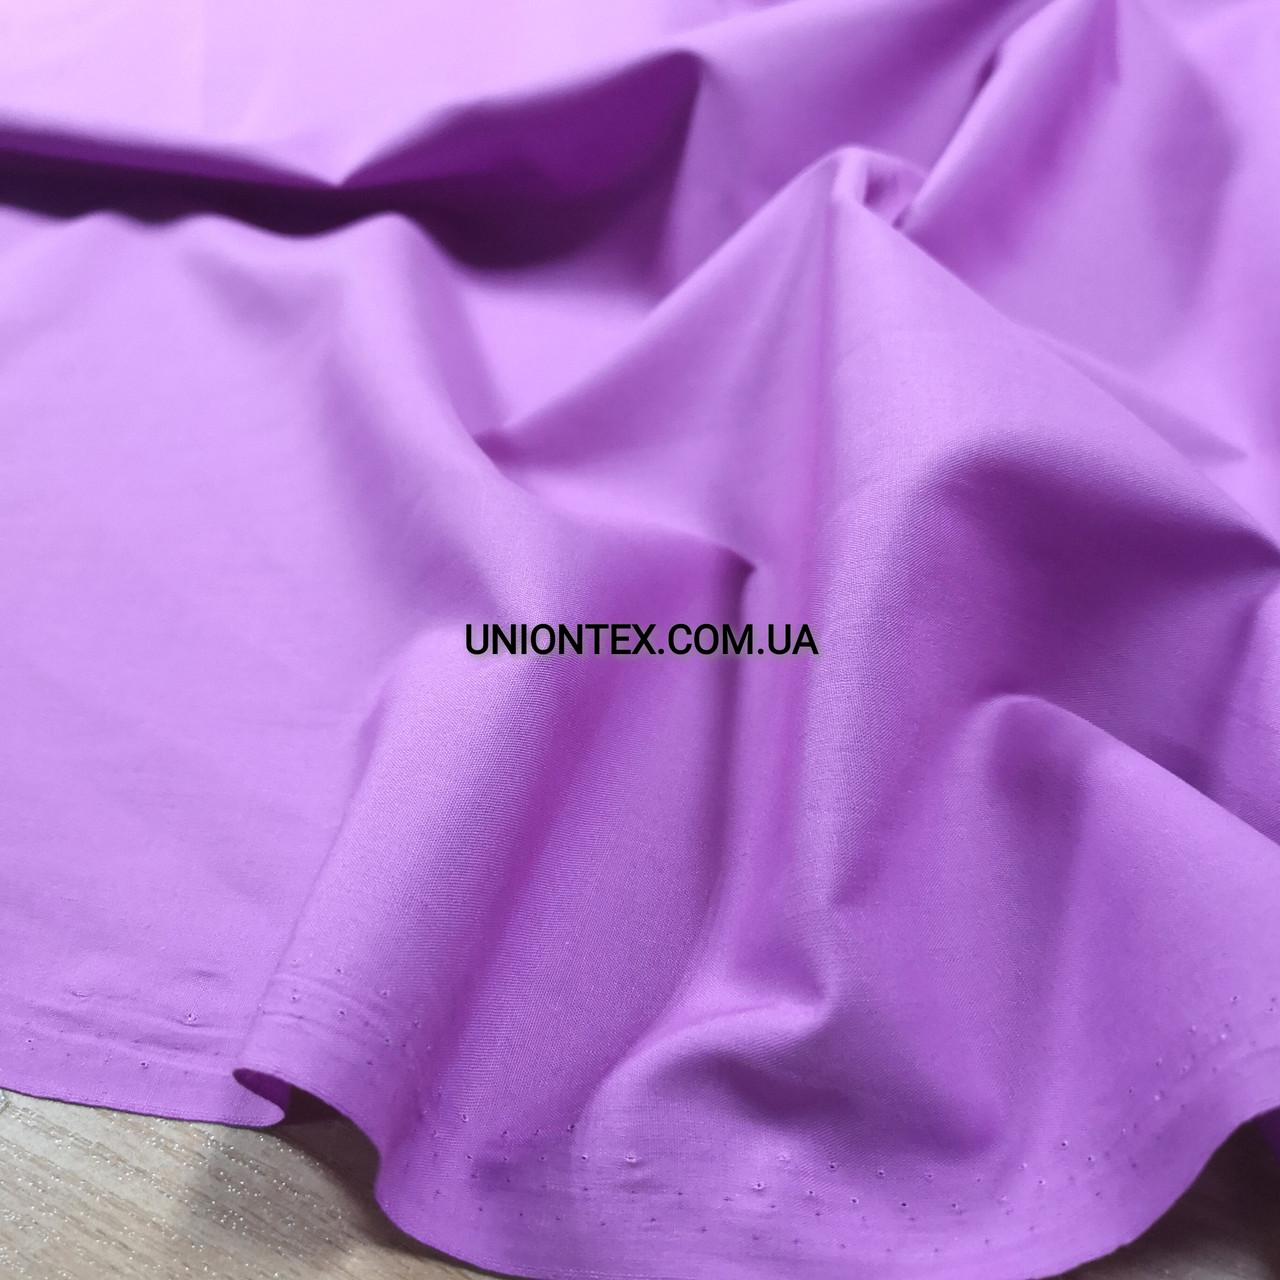 Рубашечная ткань сиреневая